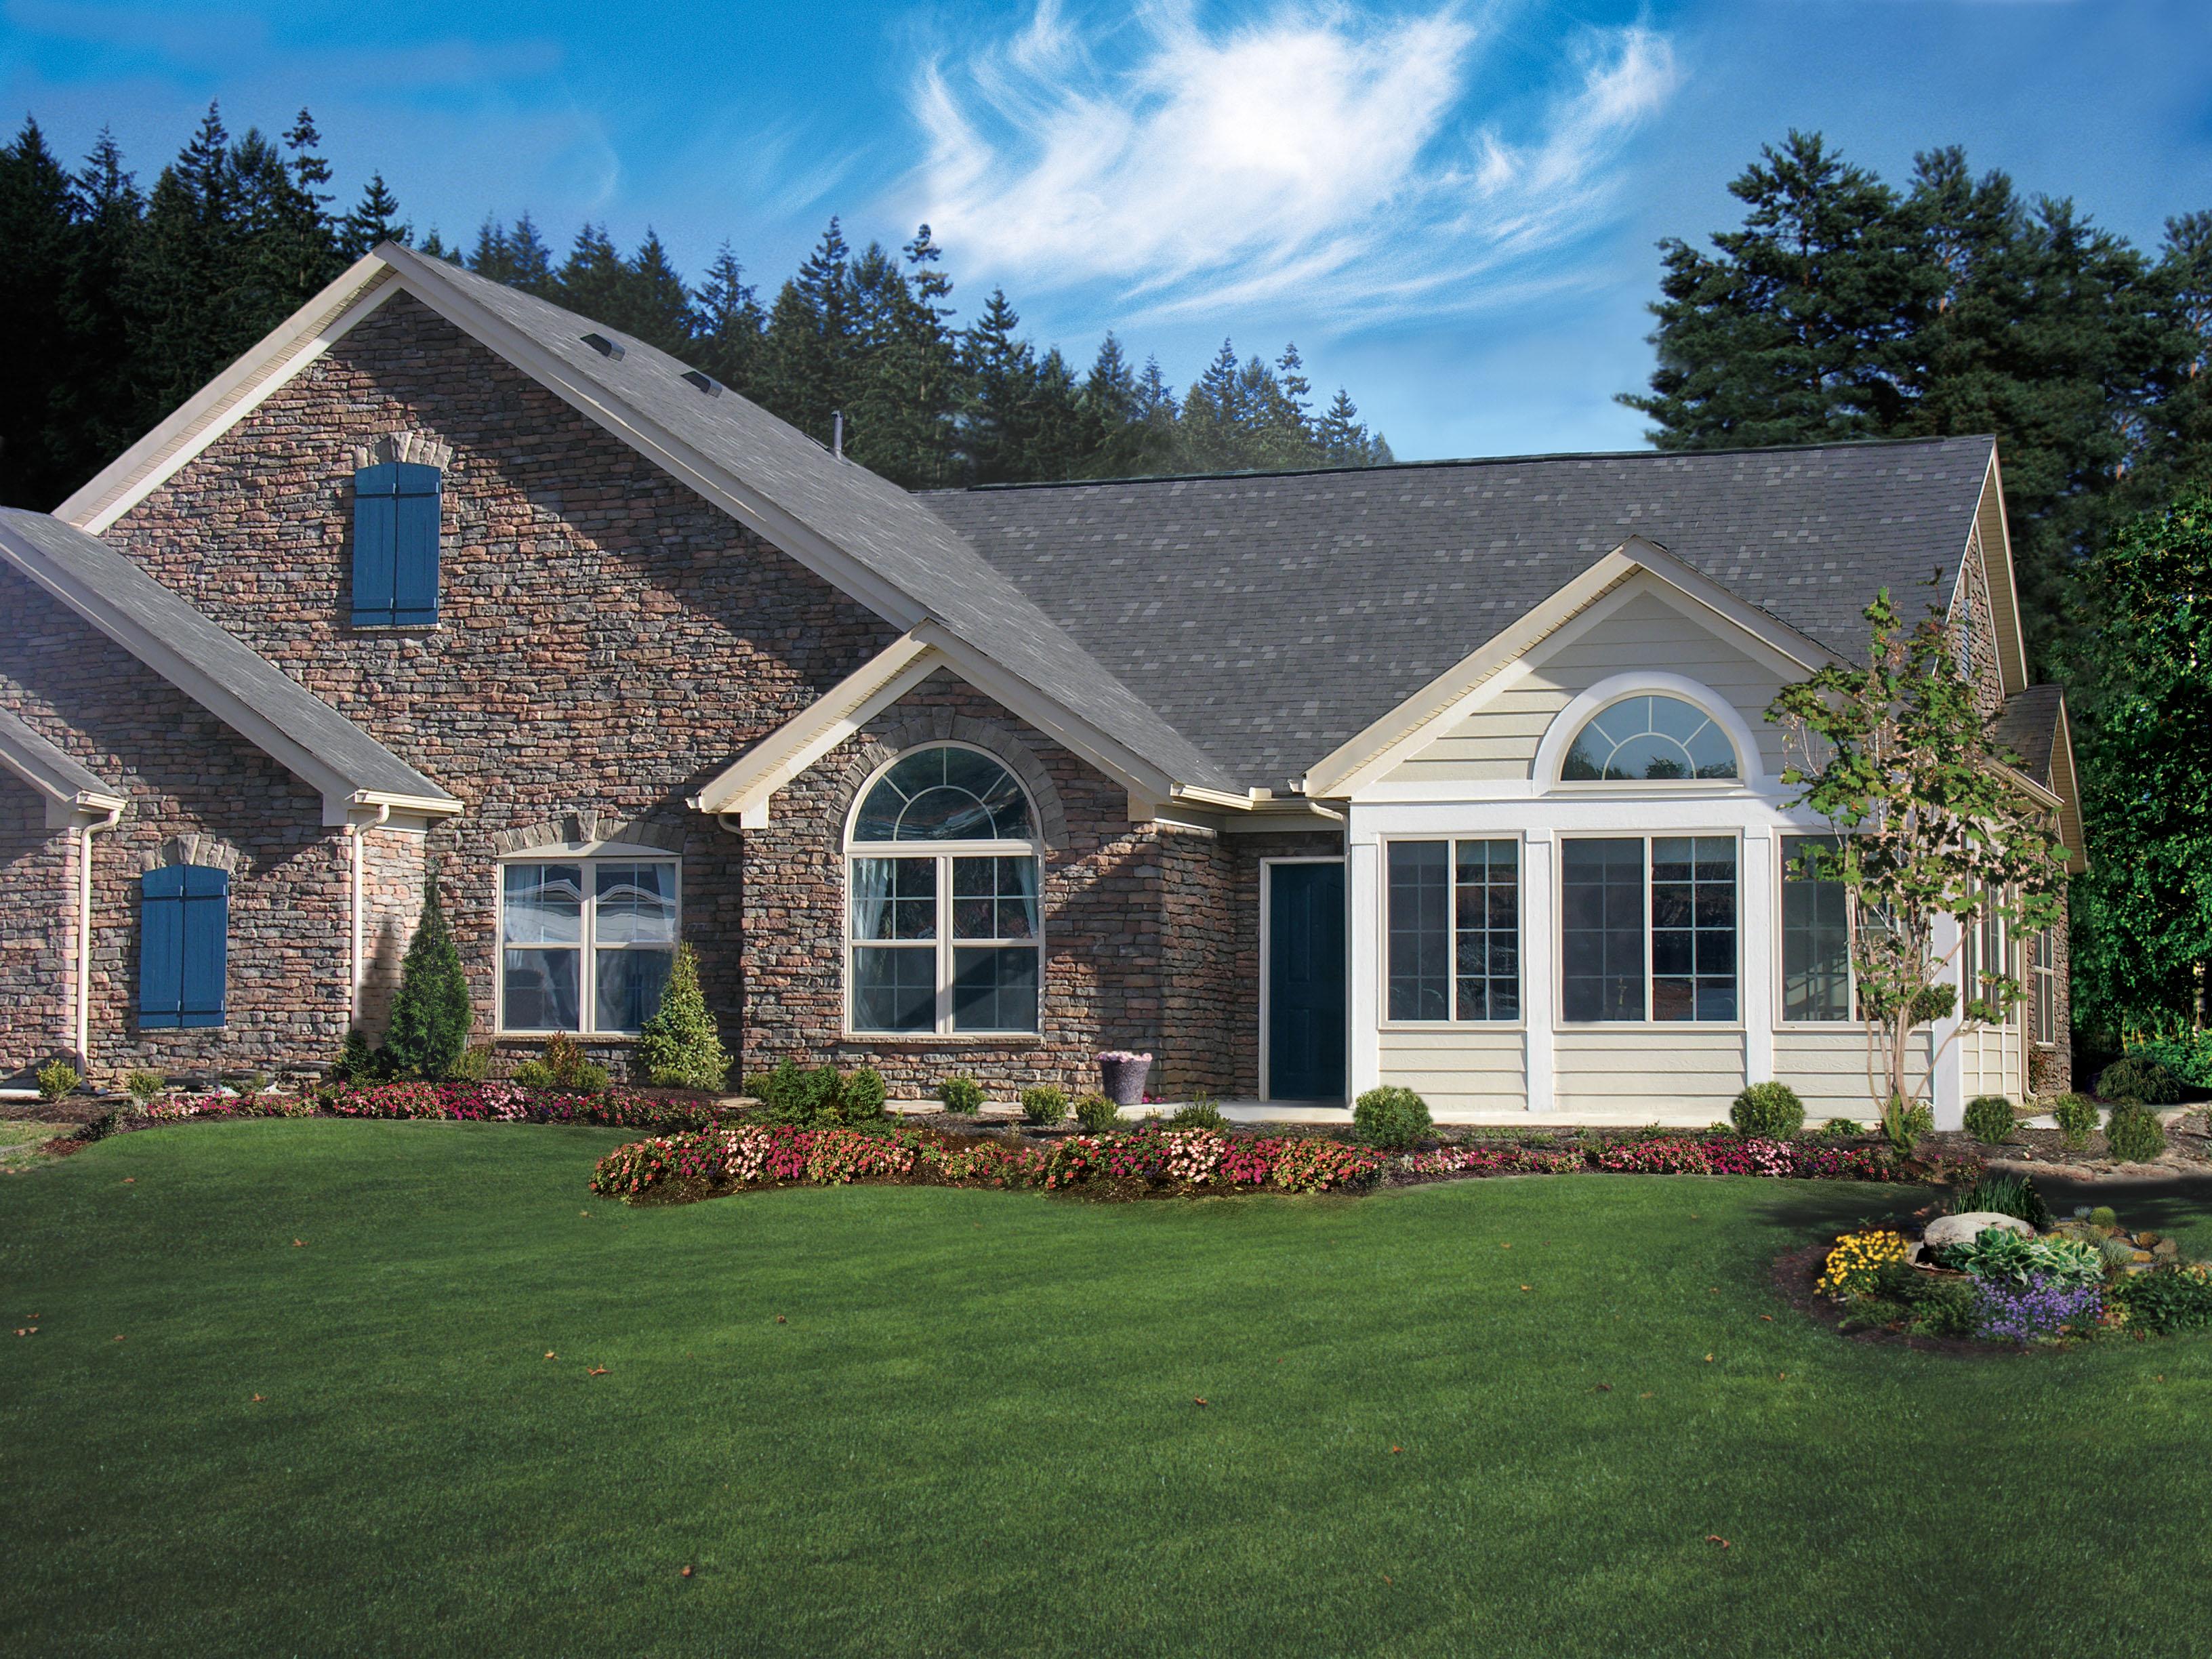 Landscaped Homes landscaped homes - home design